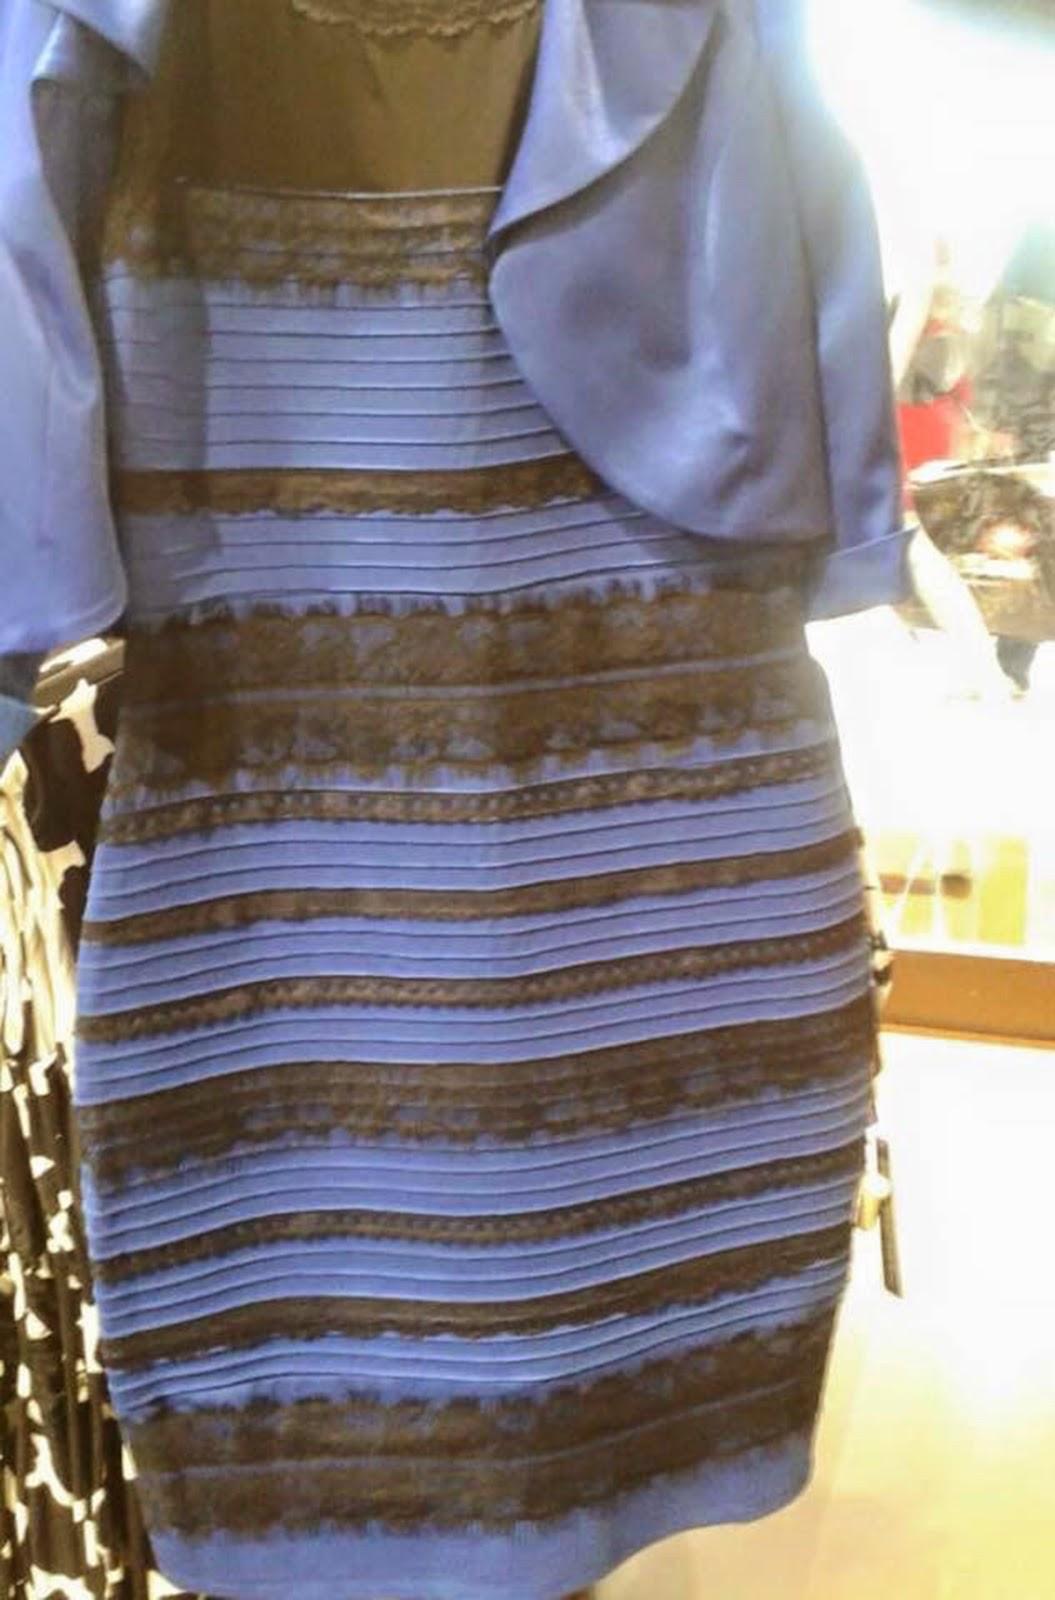 Qual é a cor do vestido? Aqui está o porquê discordamos